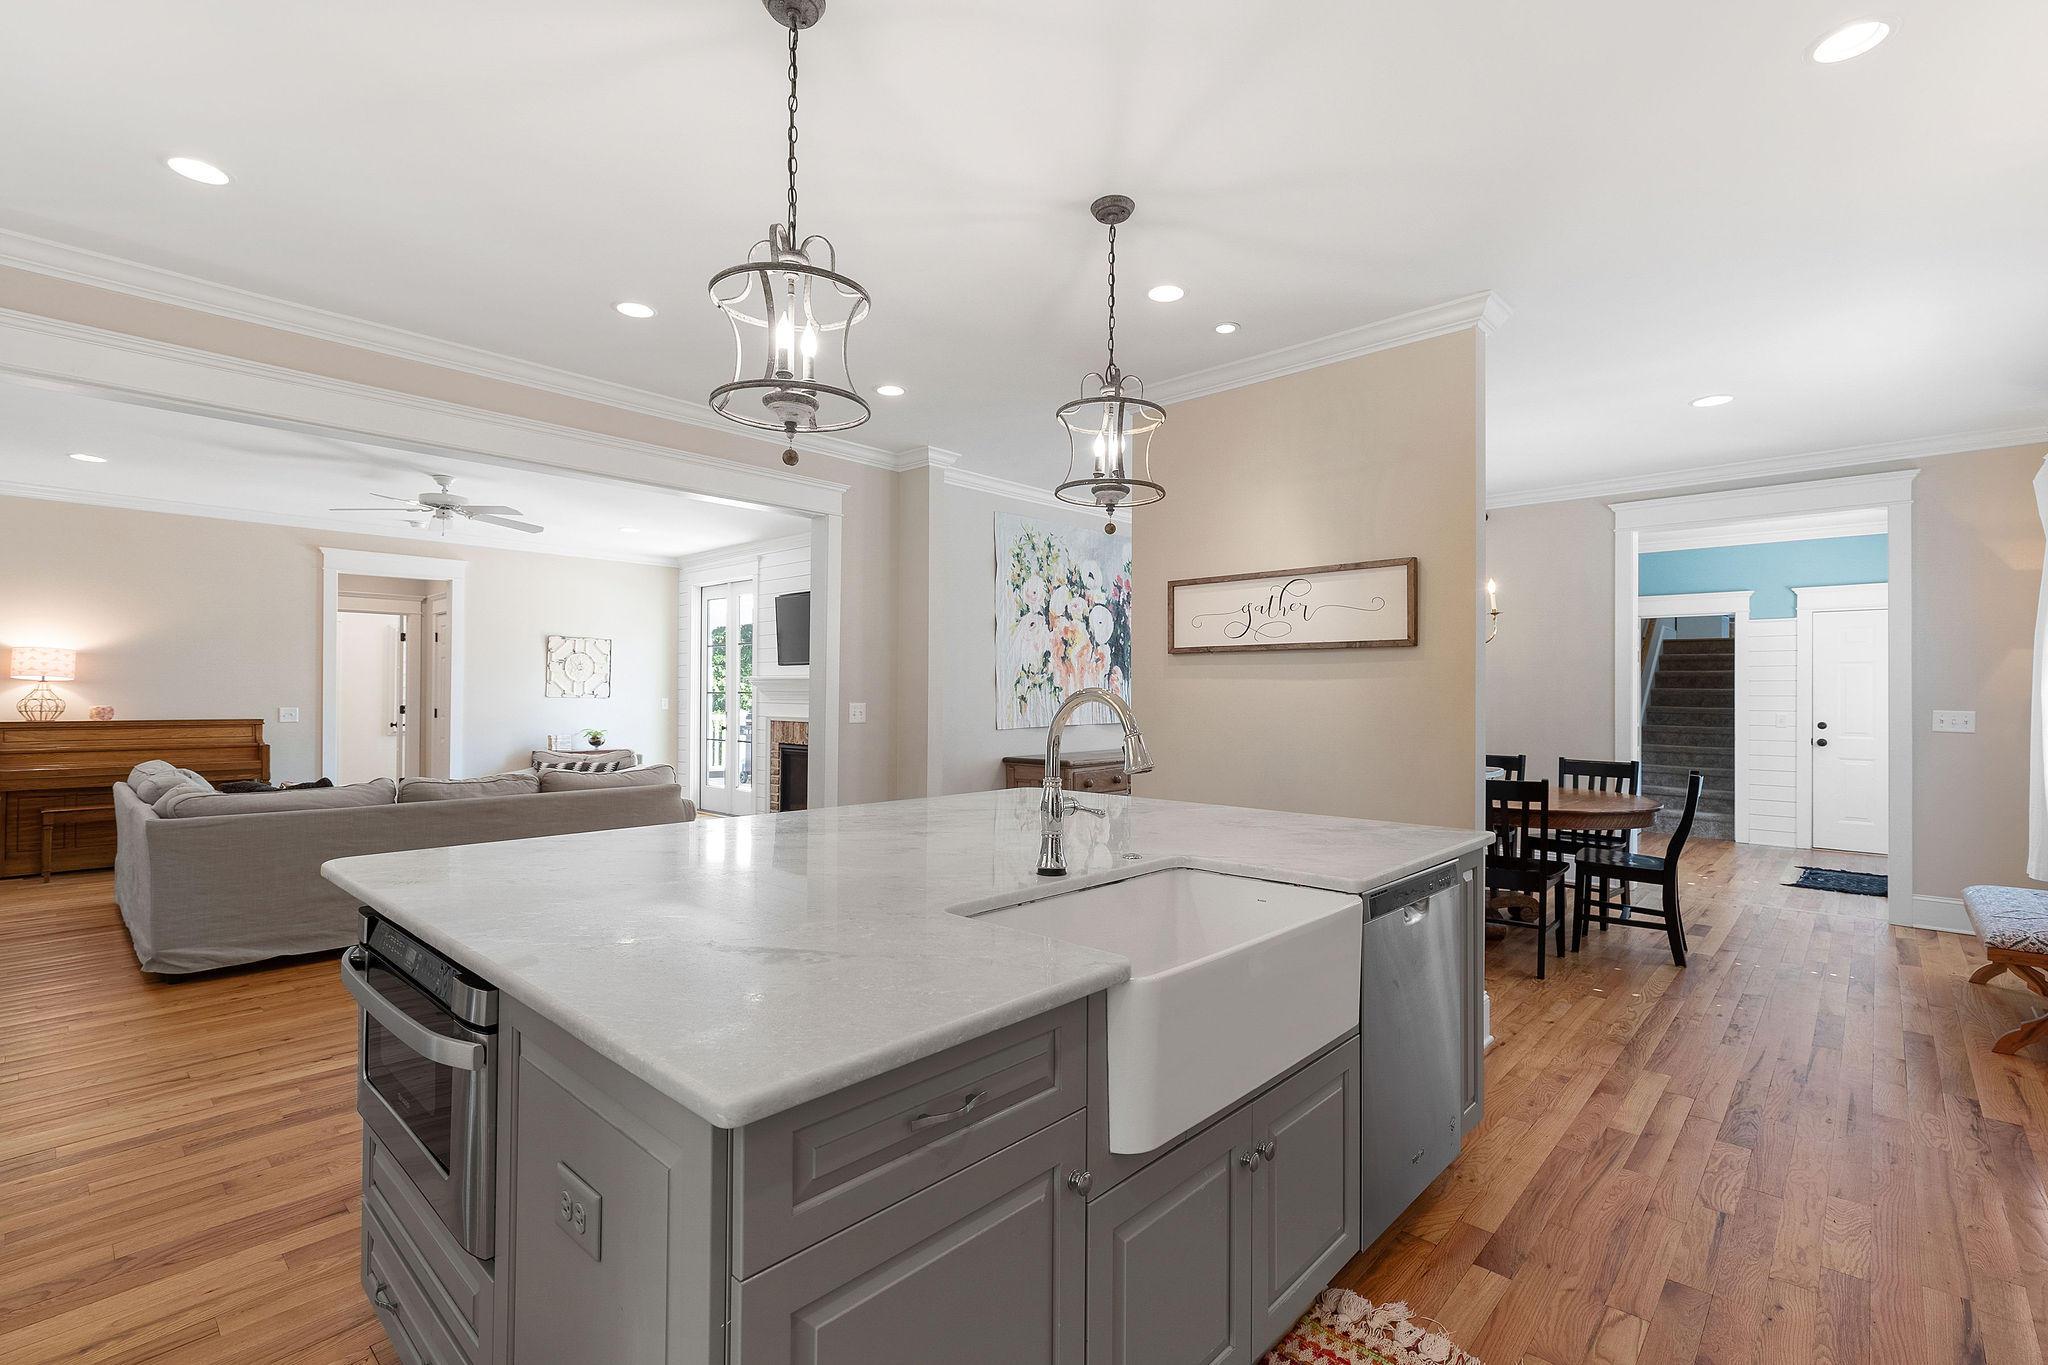 Dunes West Homes For Sale - 3201 Cottonfield, Mount Pleasant, SC - 15